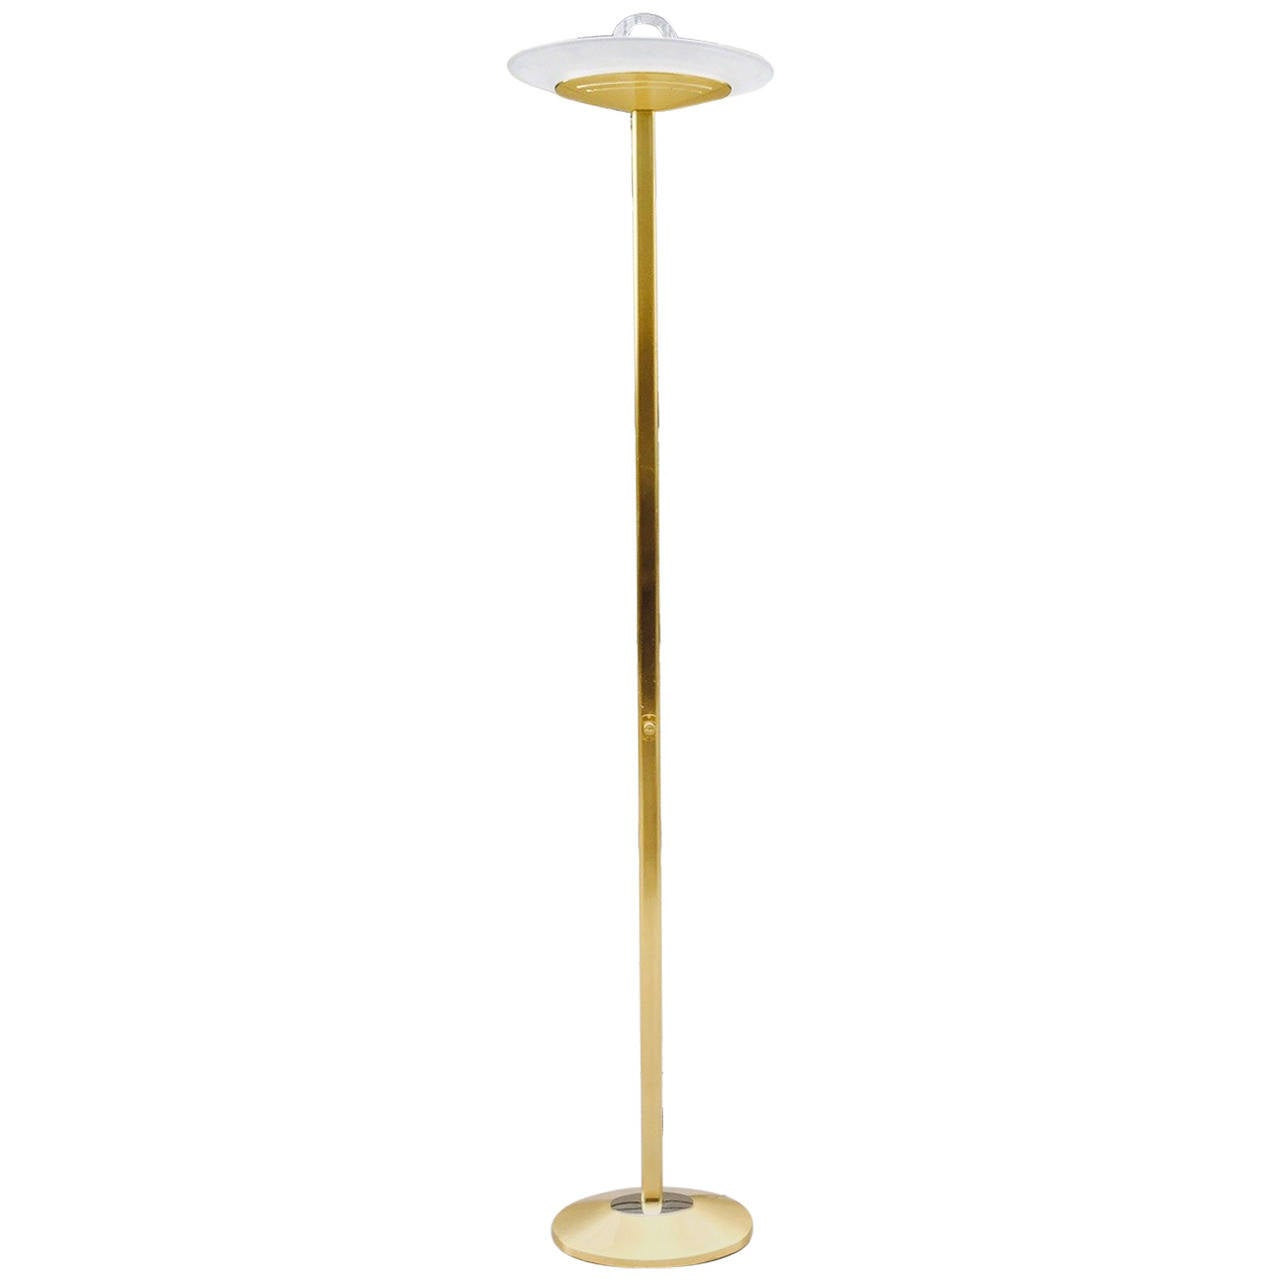 Halogen floor lamp by estiluz for sale